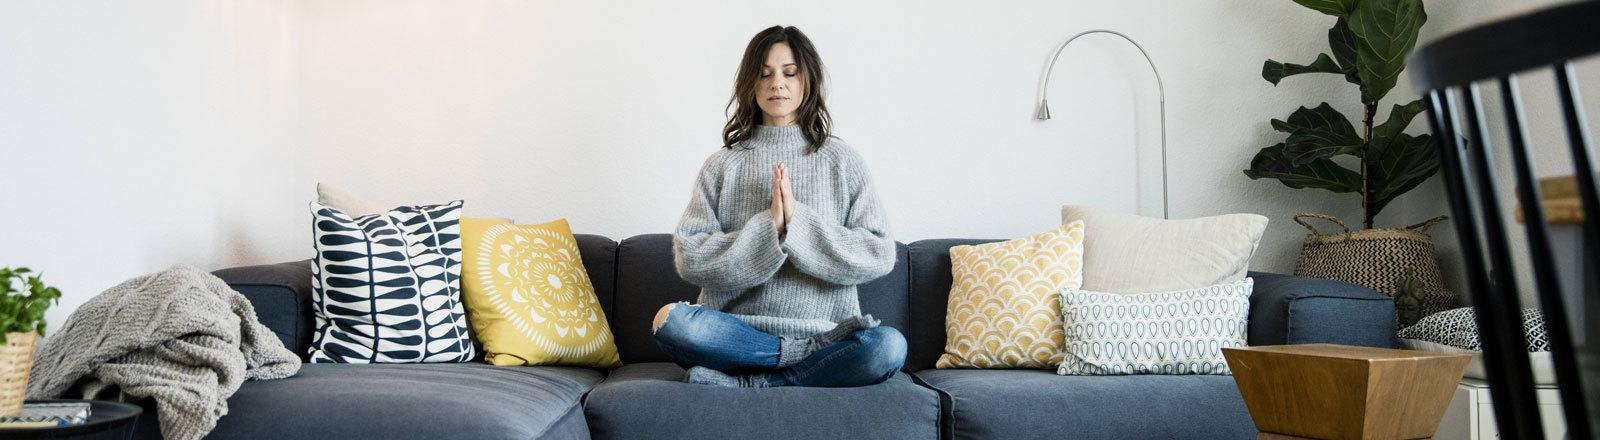 Eine Frau sitzt auf einem Sofa und meditiert.